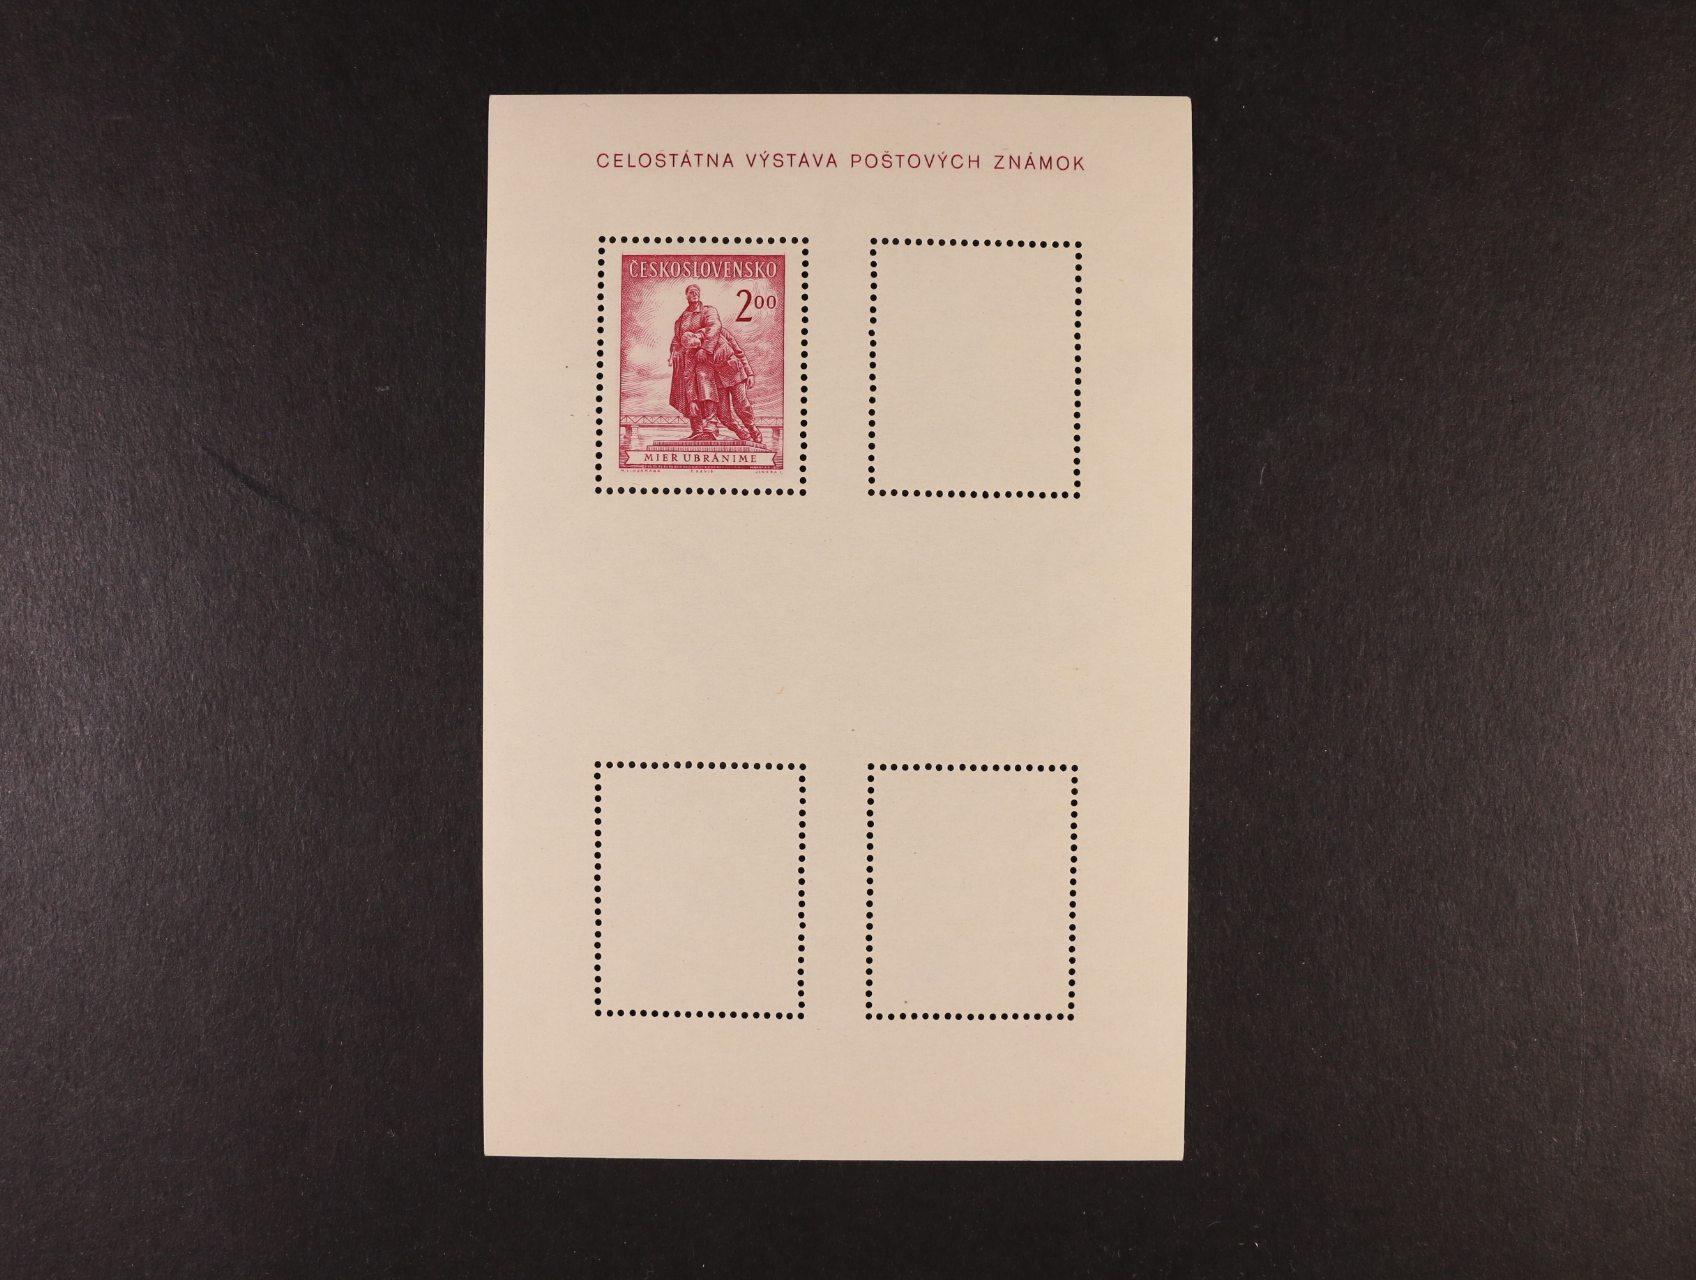 A č. 691-2 ve dvojici z nerozříznutých TL, tisk jen červenou barvou na horním aršíku, protichůdný aršík bez barvy